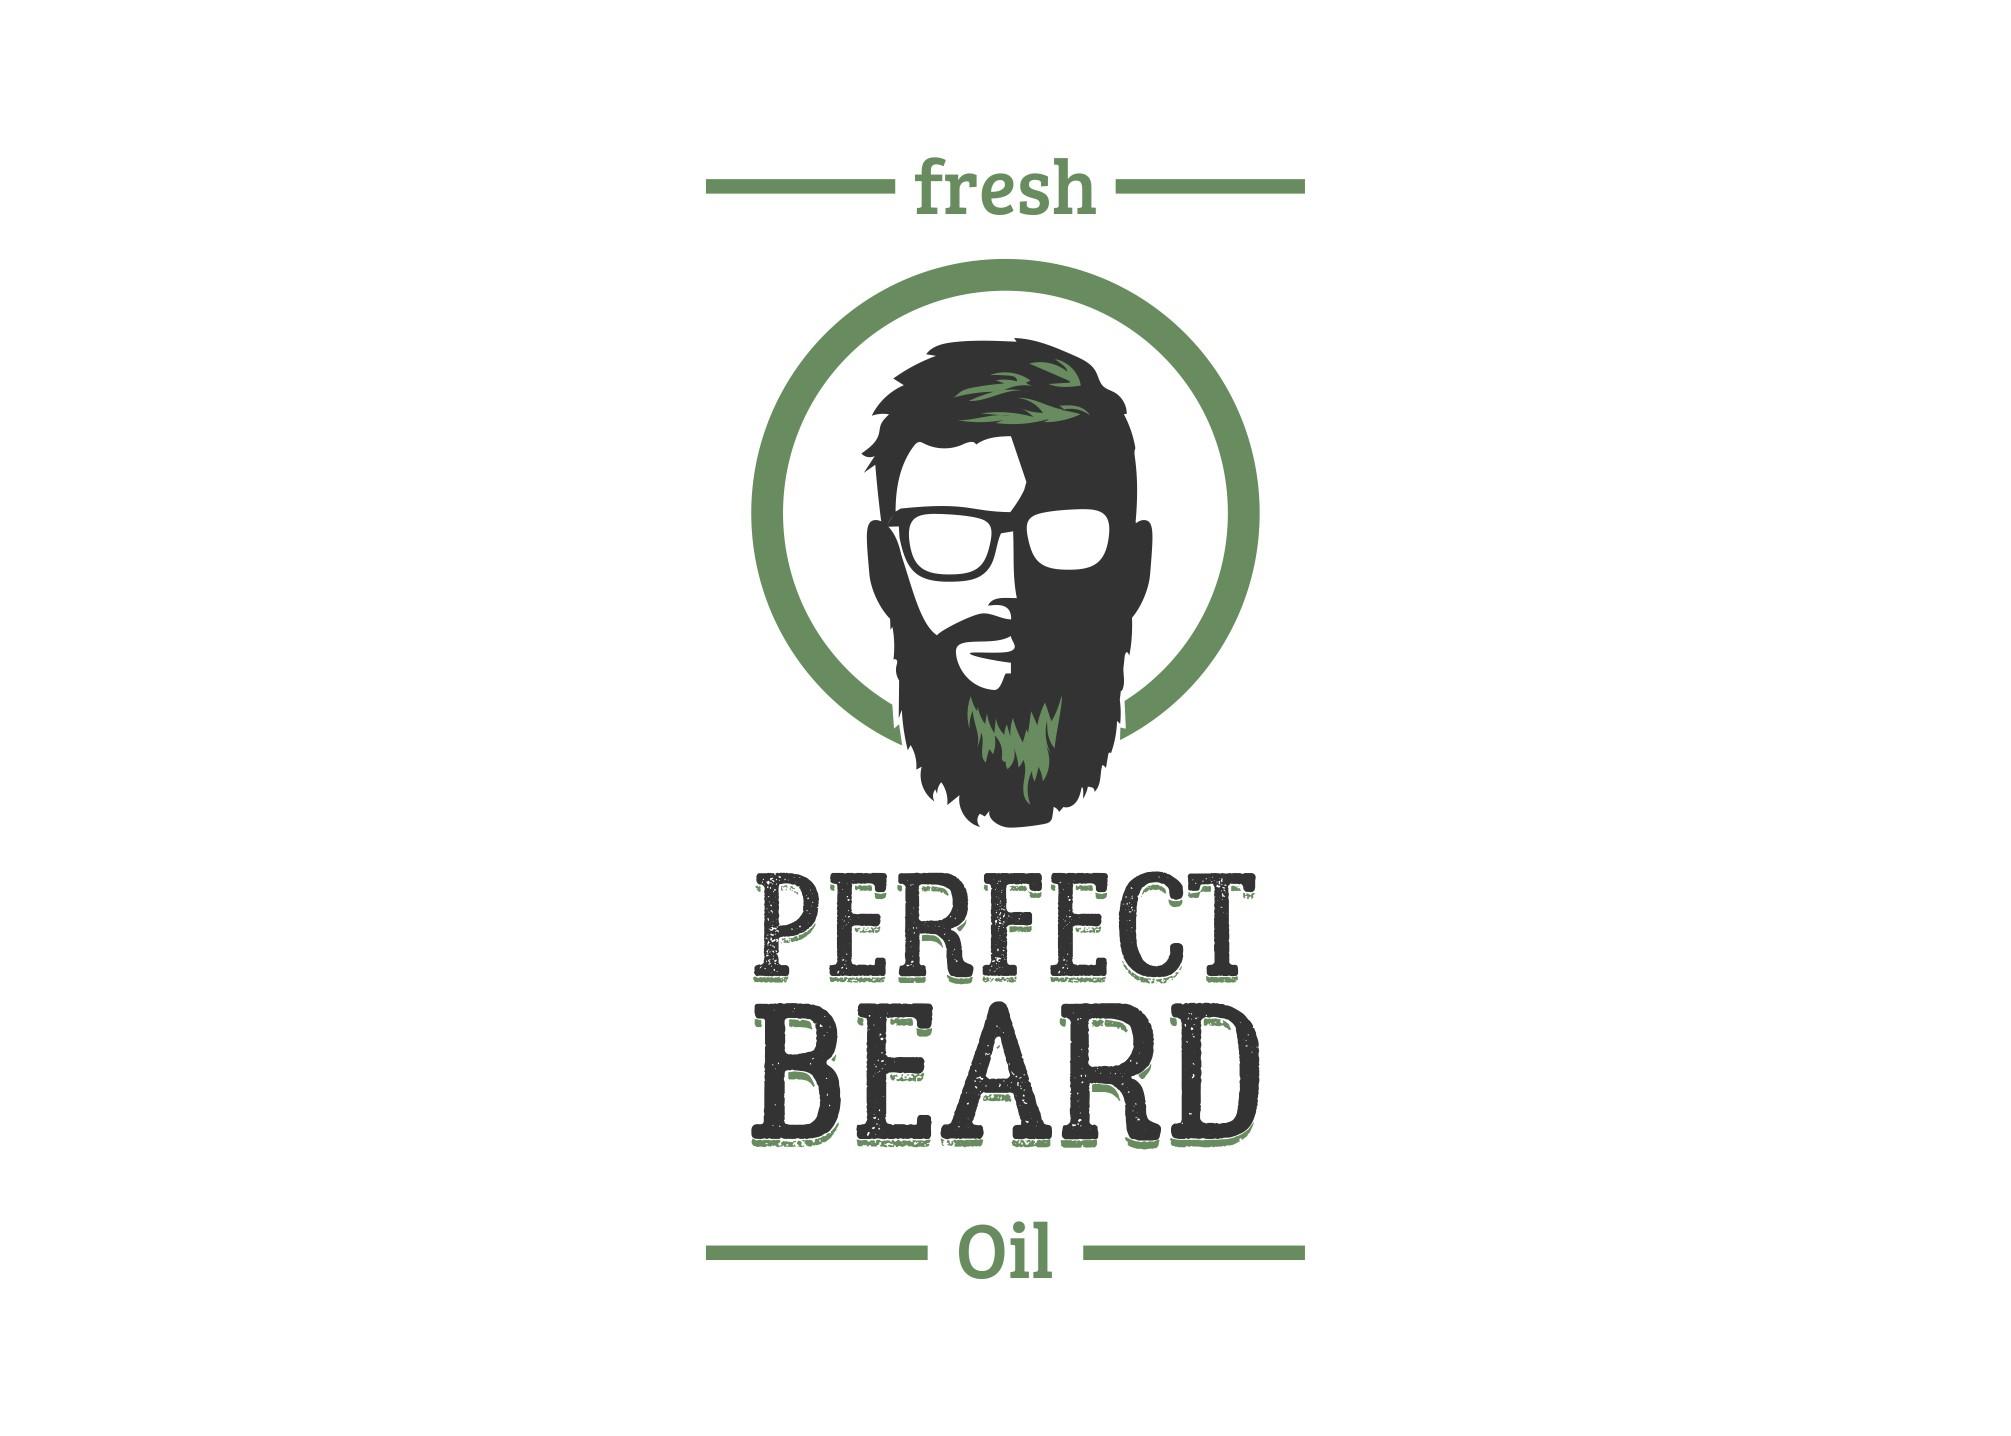 das neue Erscheinungsbild für das perfekte Bartöl...